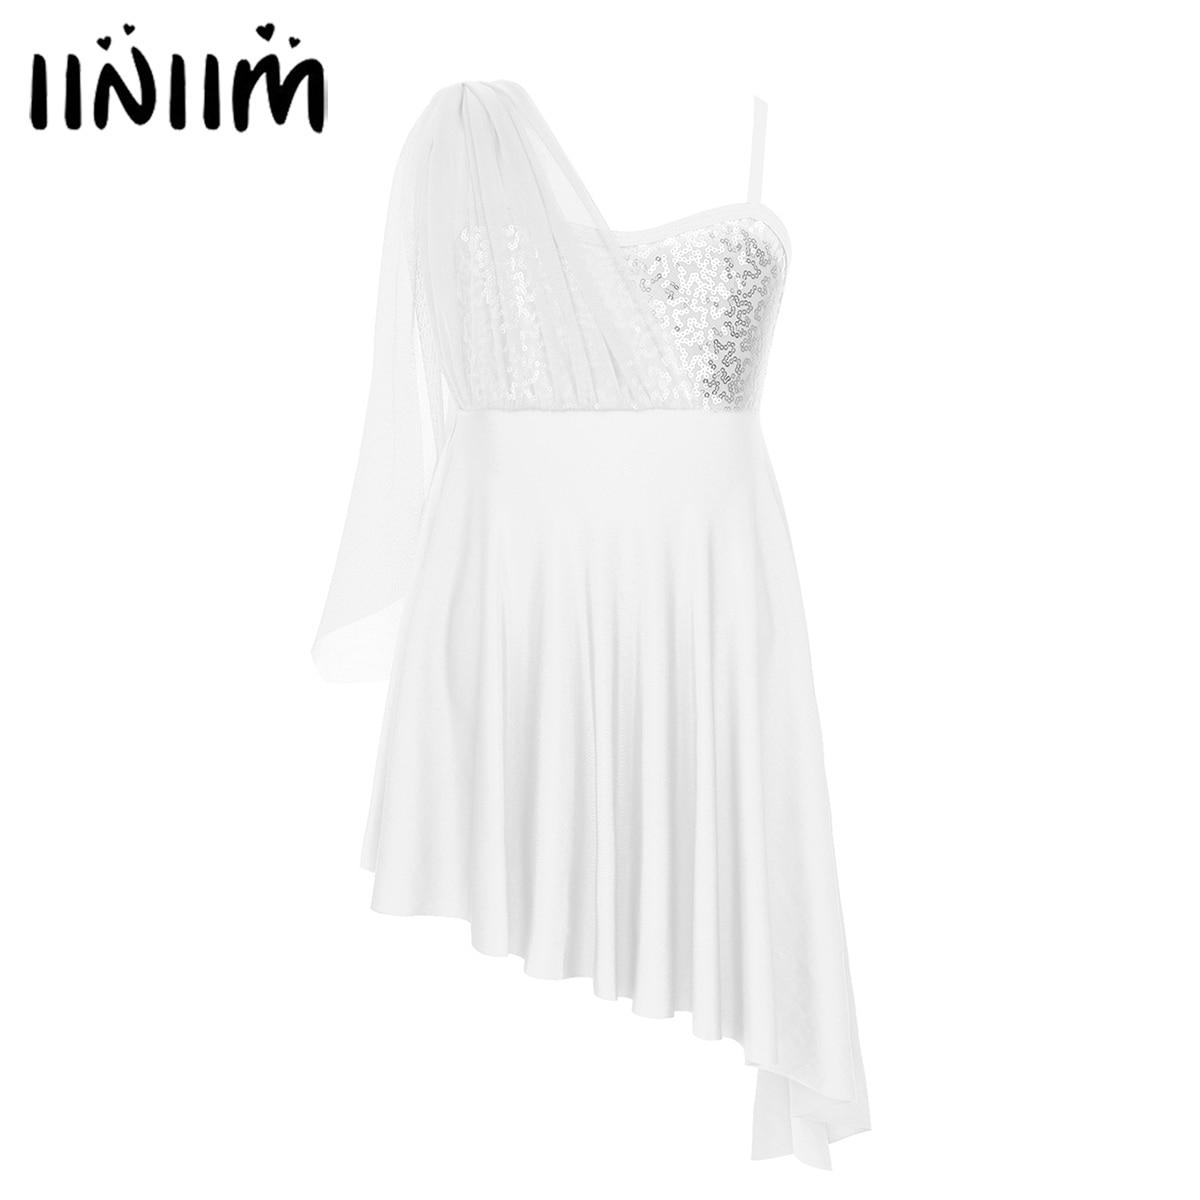 iiniim Teen Girls Tutu Dress Sequins Irregular Hem Dress for Lyrical Modern Dance Contemporary Gymnastics Leotard for Kids